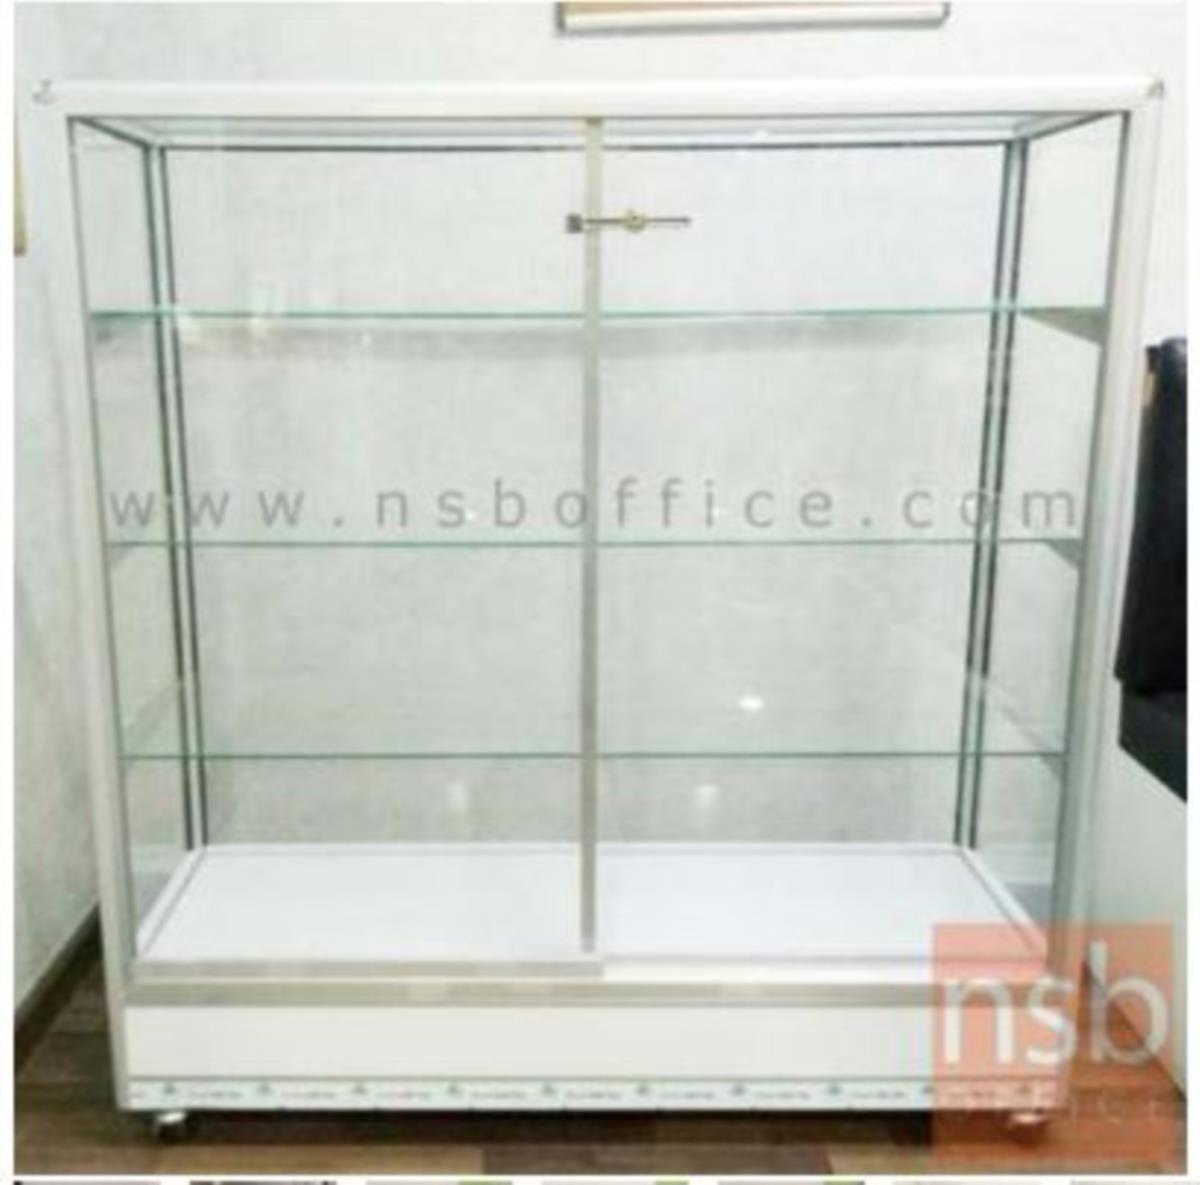 ตู้กระจกโชว์สินค้ามุมมน  โครงอลูมิเนียมล้วน สูง 145 ซม. มีล้อ